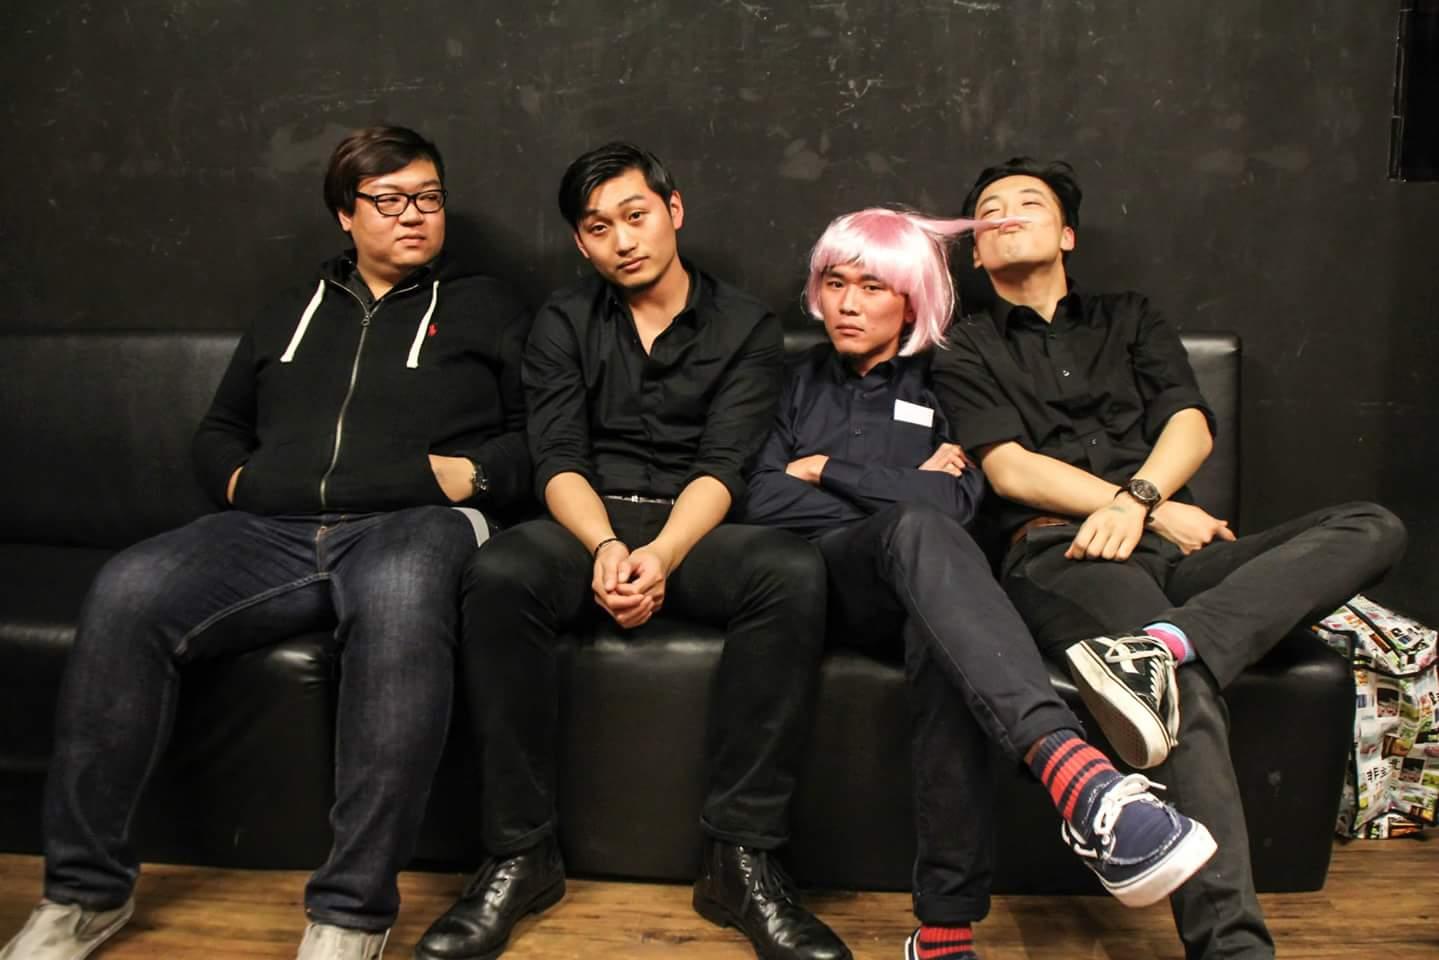 成軍只有短短的一年半,流行龐克樂團「粗大Band」唱出小人物的生活故事。